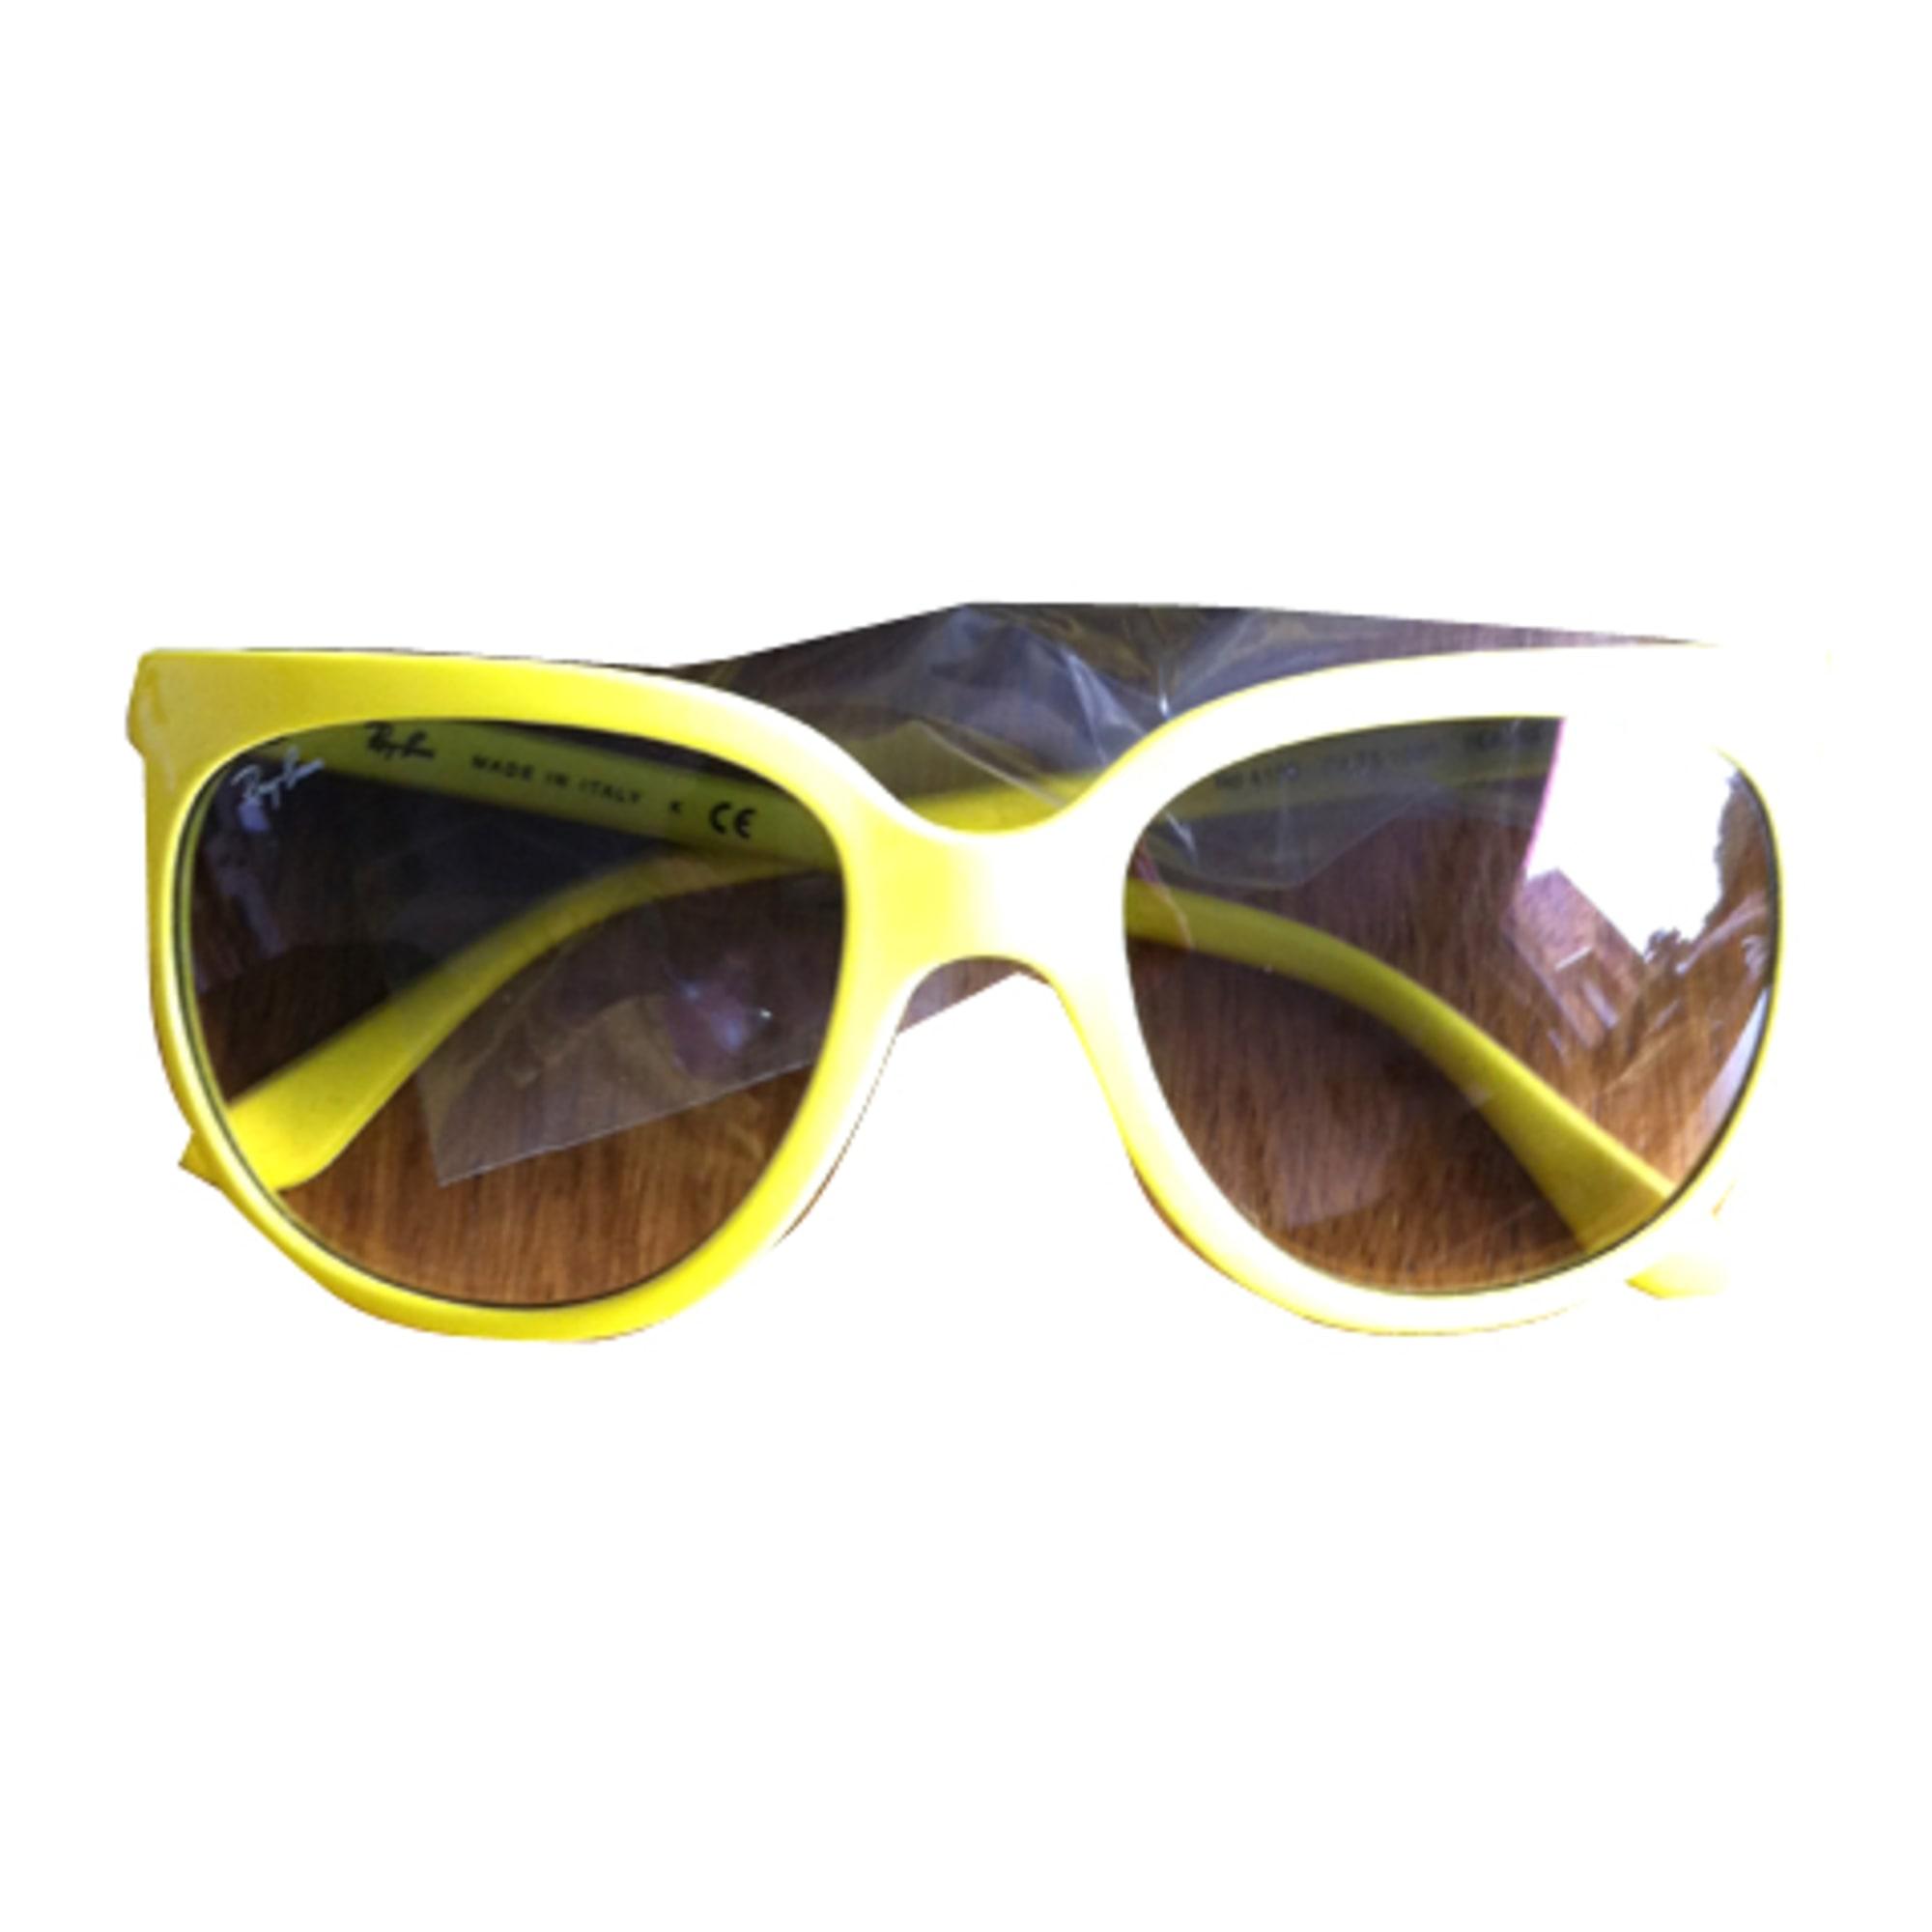 Lunettes de soleil RAY-BAN jaune vendu par Karl, marc et john108293 ... 405030705221